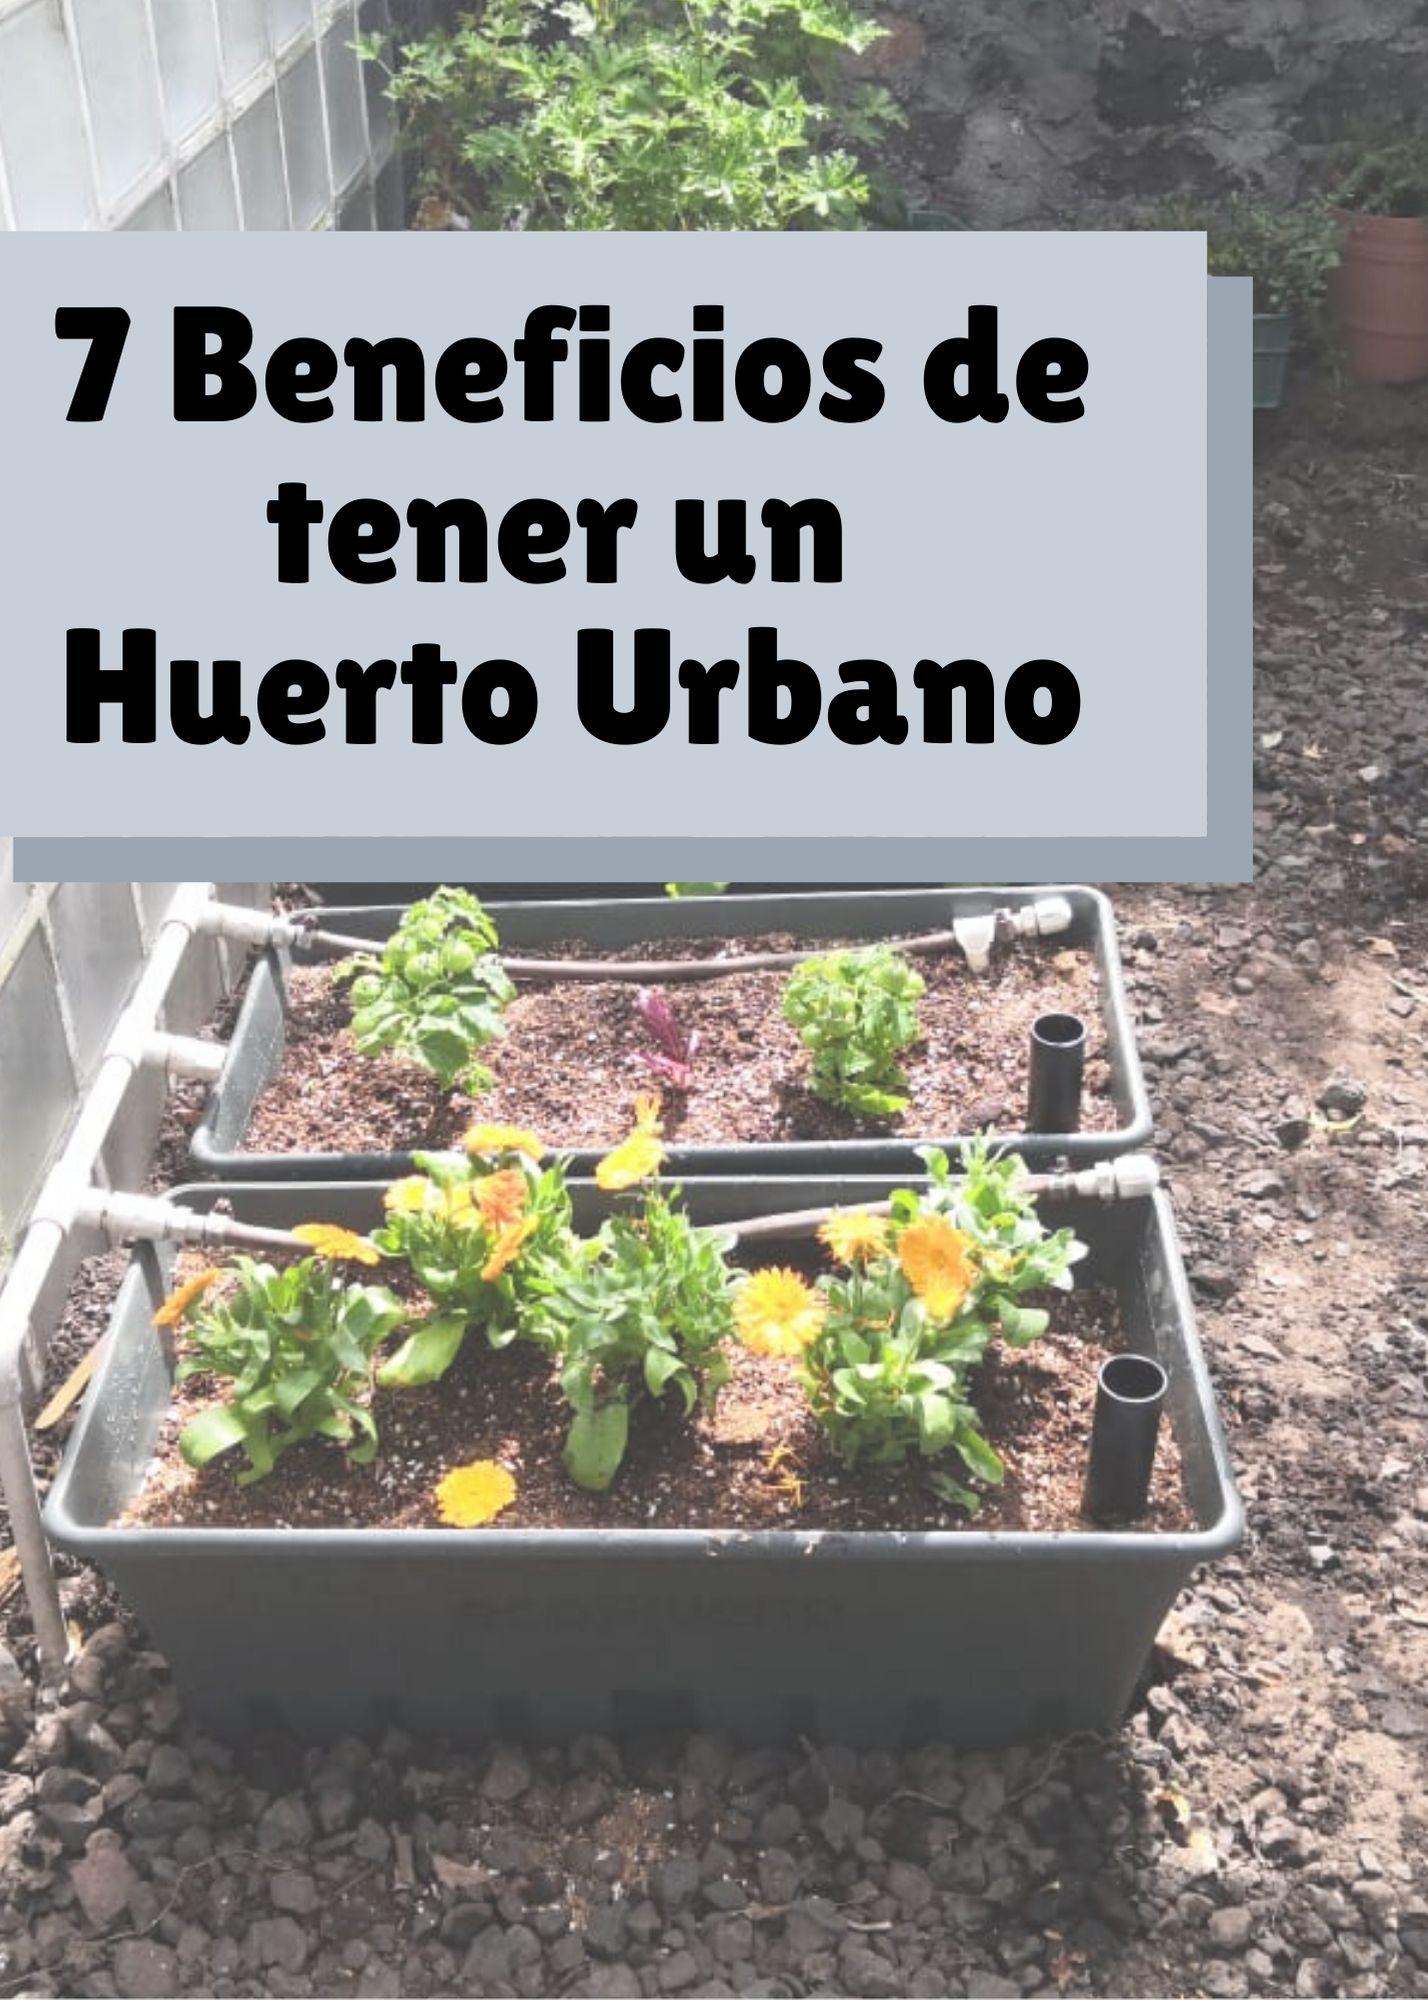 7 Beneficios de tener un Huerto Urbano